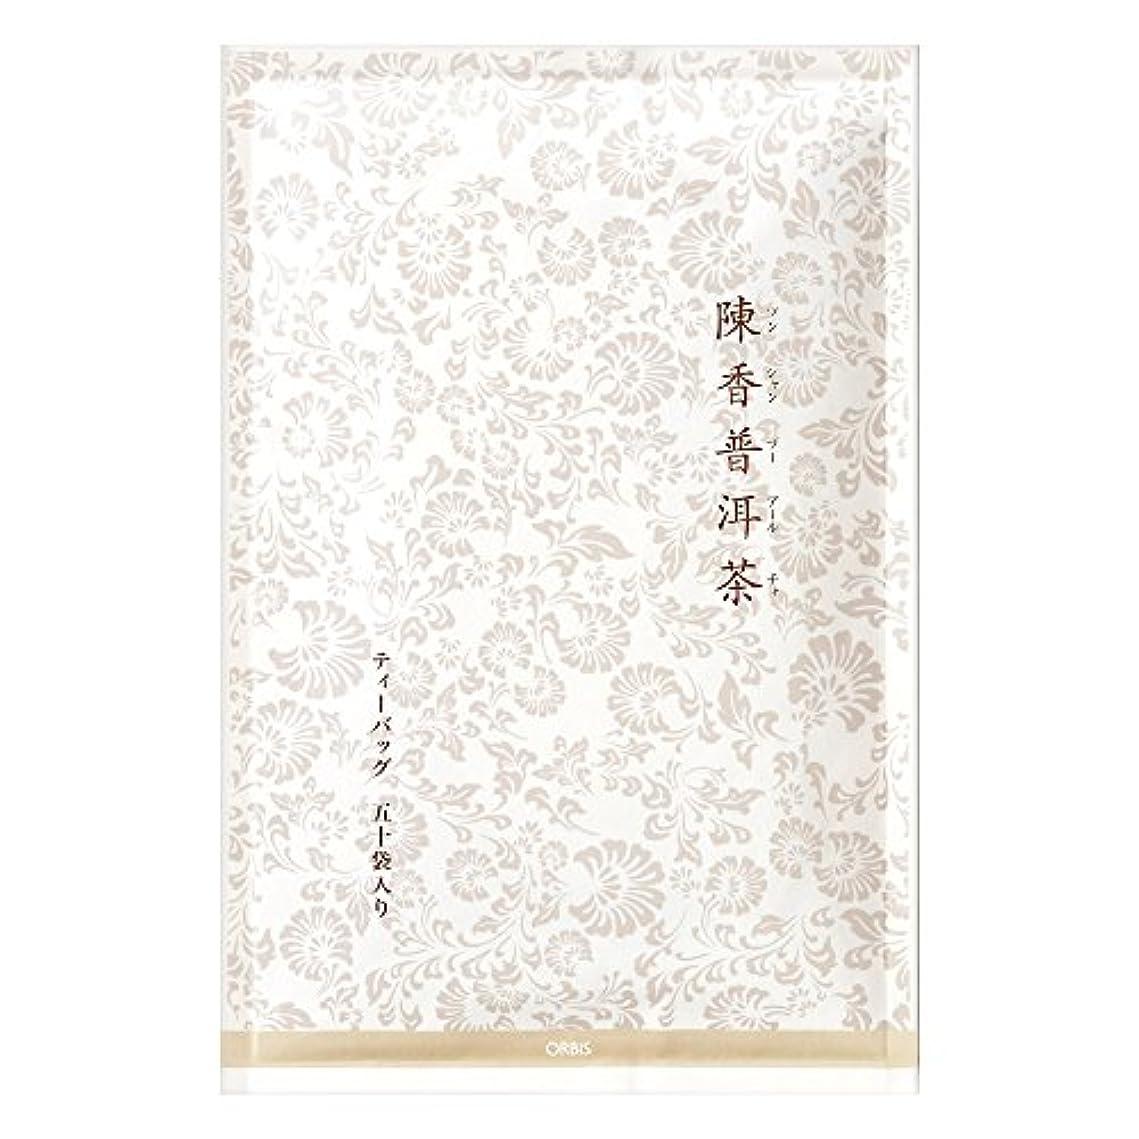 ダム変な備品オルビス(ORBIS) 陳香プーアール茶 ティーバッグ 徳用 2g×50袋 ◎ダイエット茶◎ 0kcal